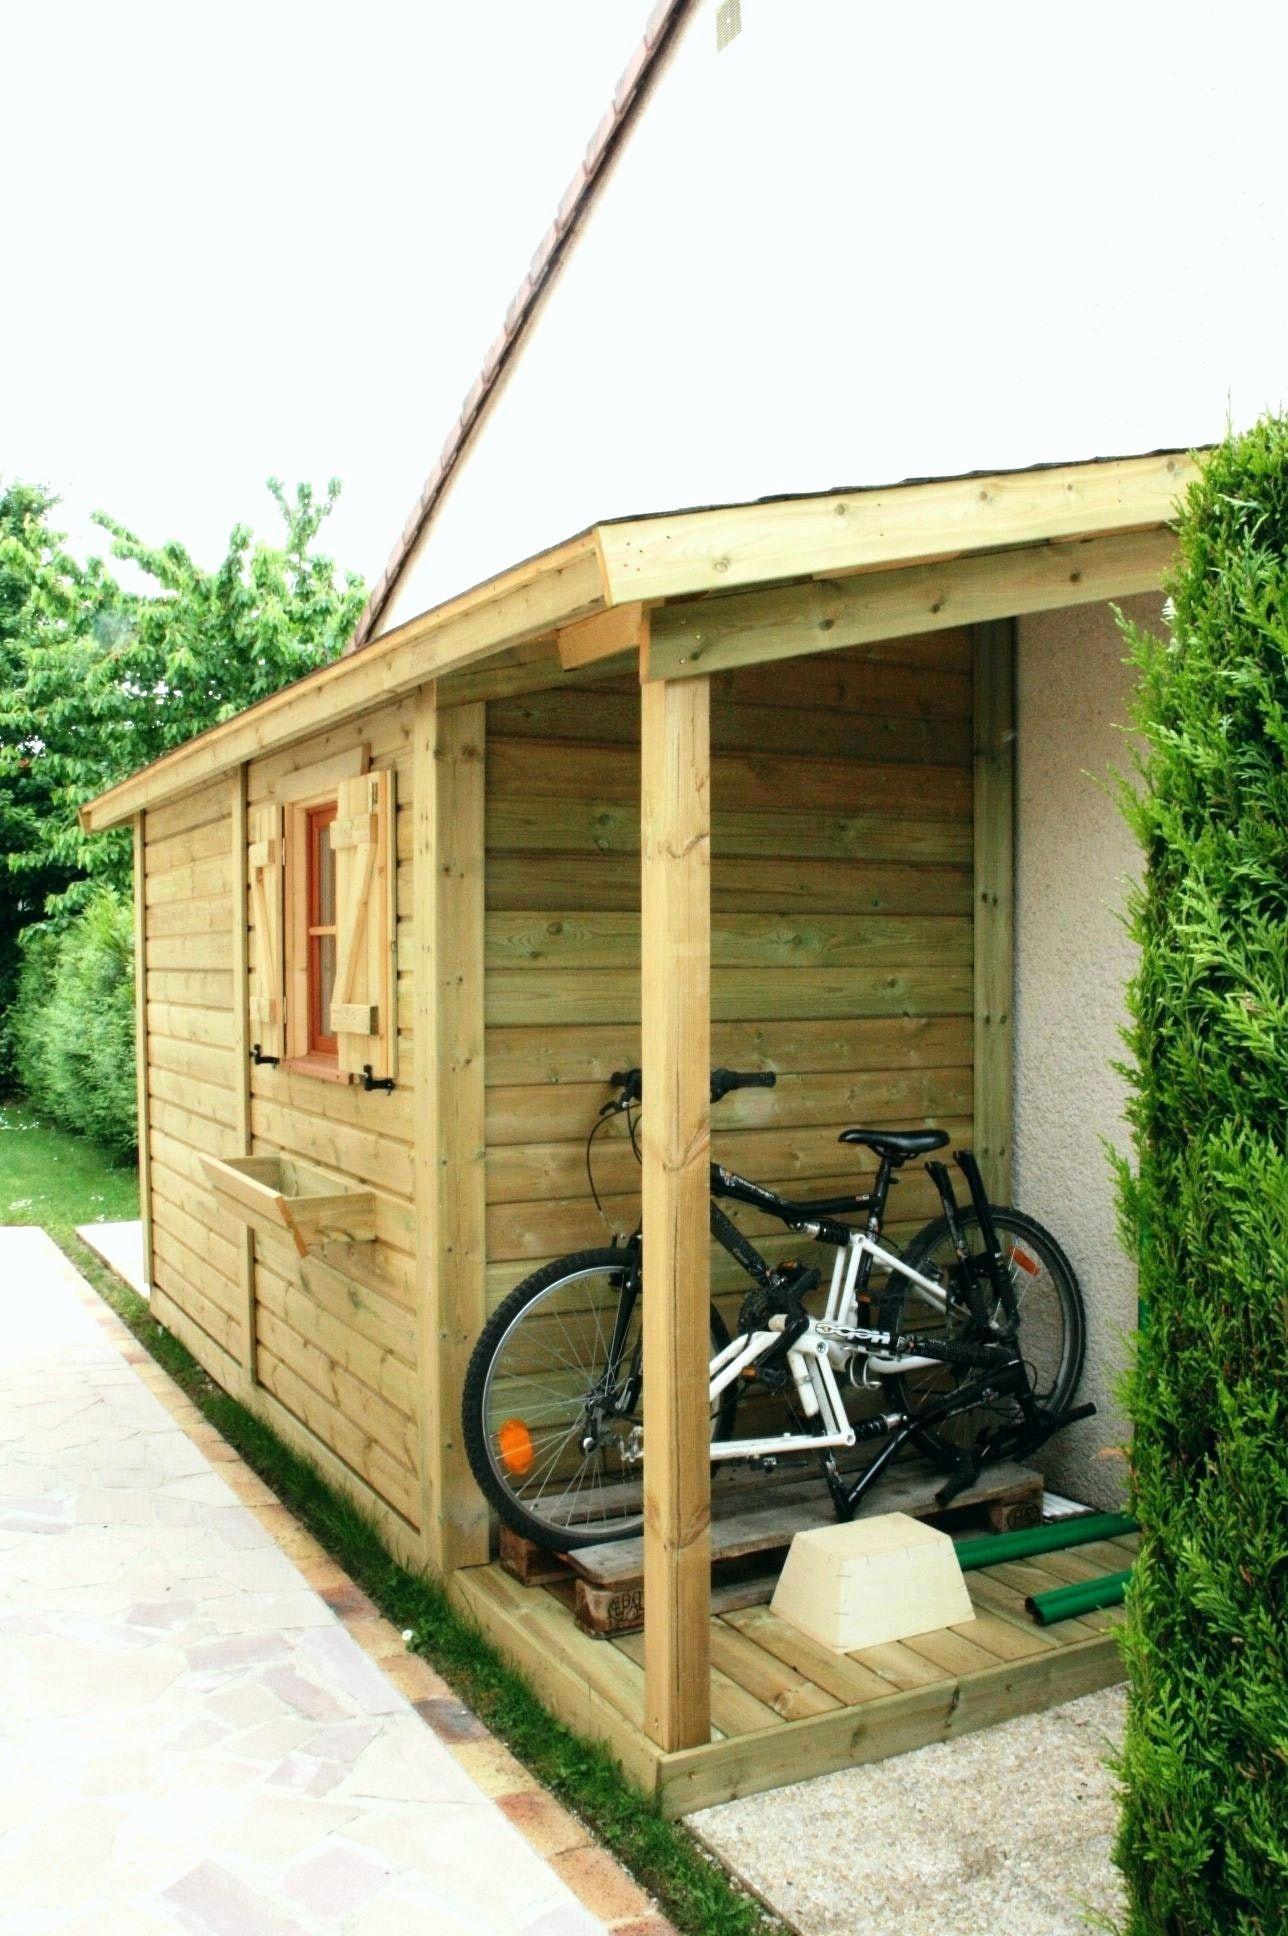 Meuble Abri De Jardin In 2020 | Outdoor Sheds, Outdoor ... à Abri De Jardin Brico Depot